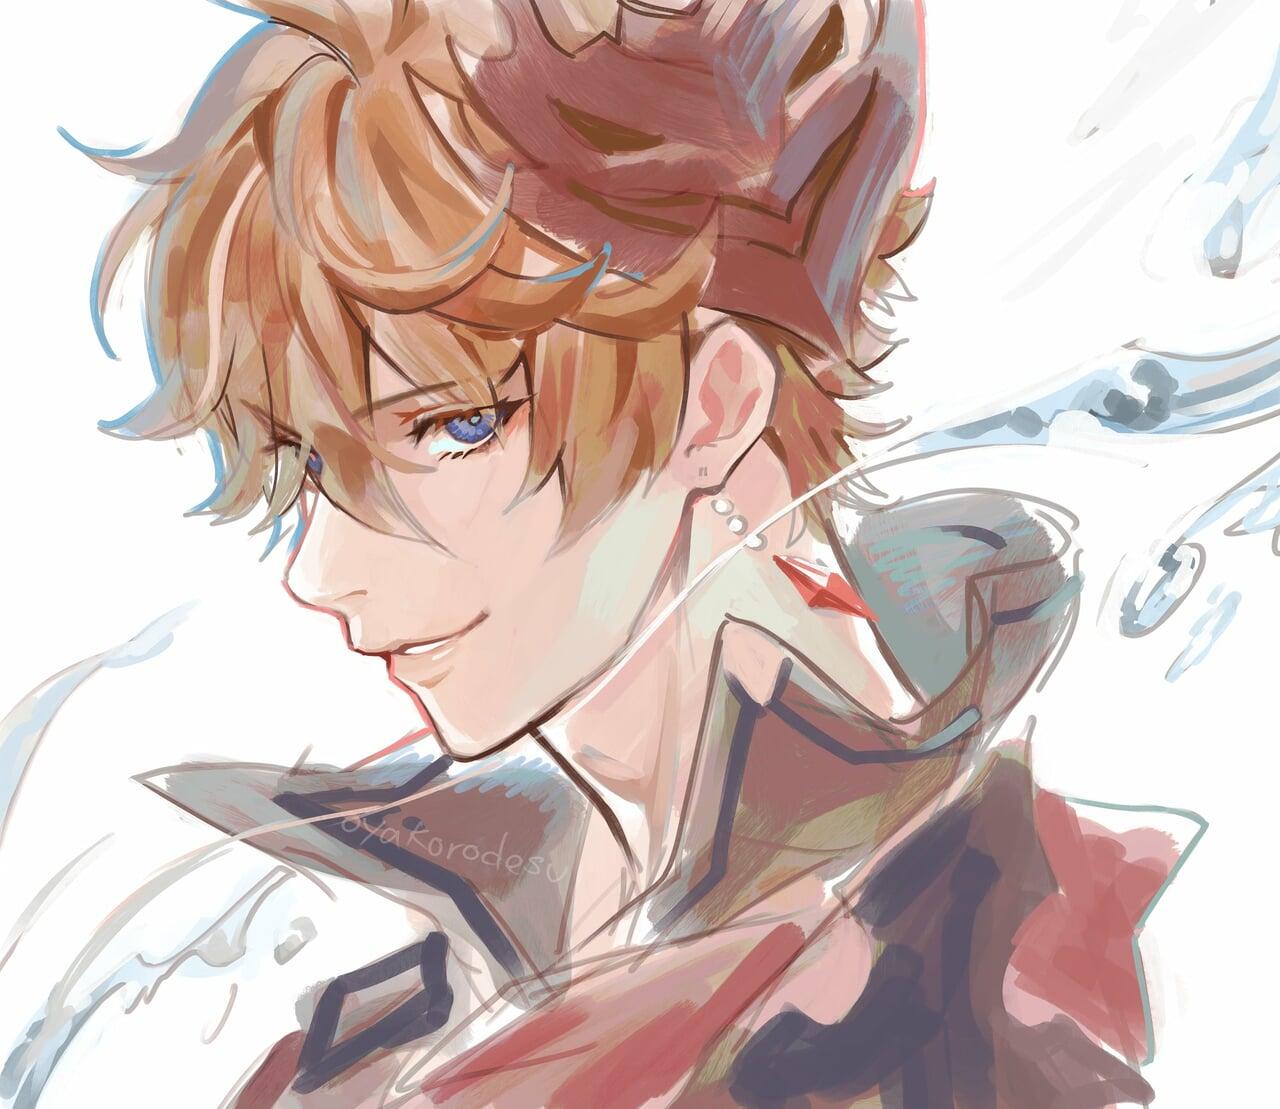 anime, bishounen, and anime boy image